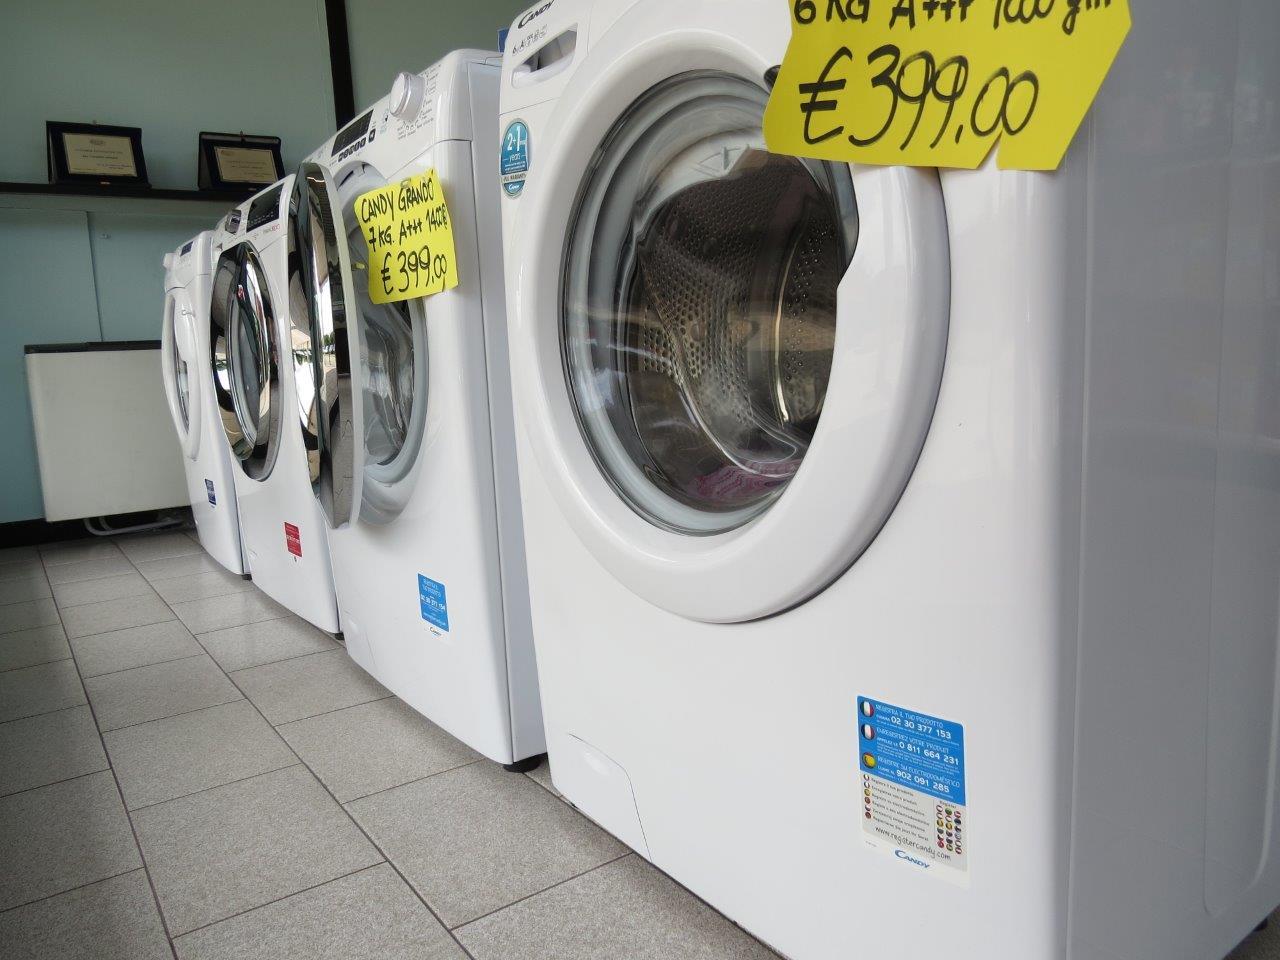 lavatrici ascuigatrici